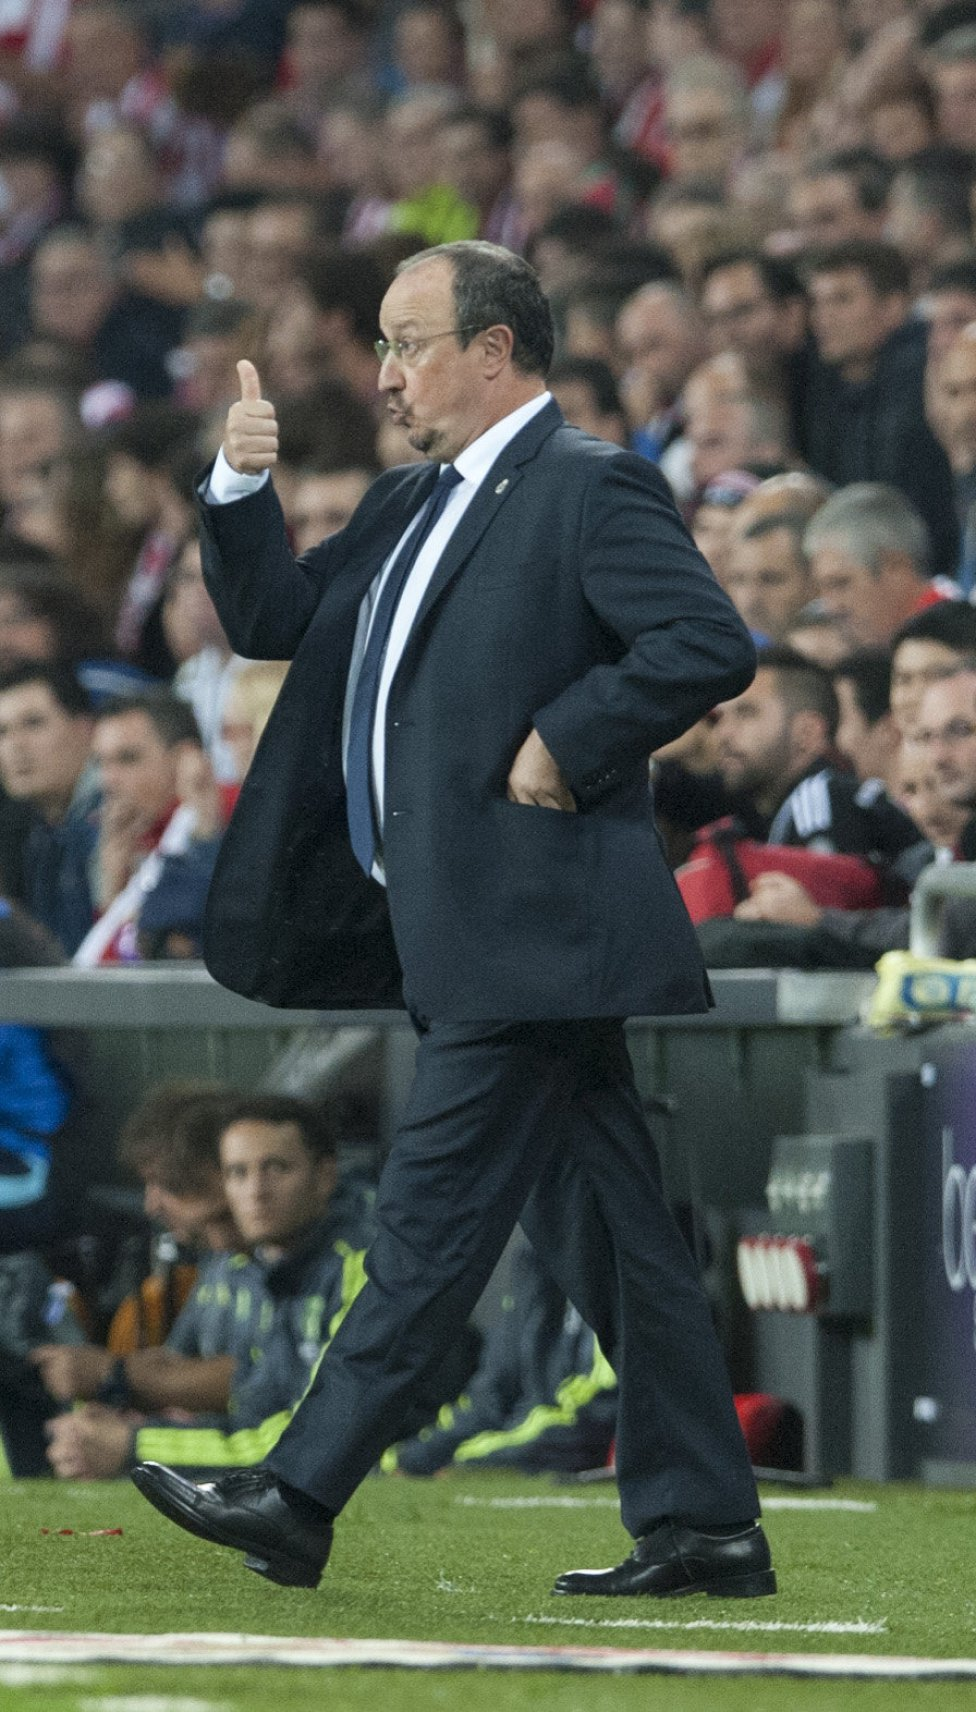 موقع ريال مدريد بنزيما يهدي الريال الصدارة والعيديه والرب